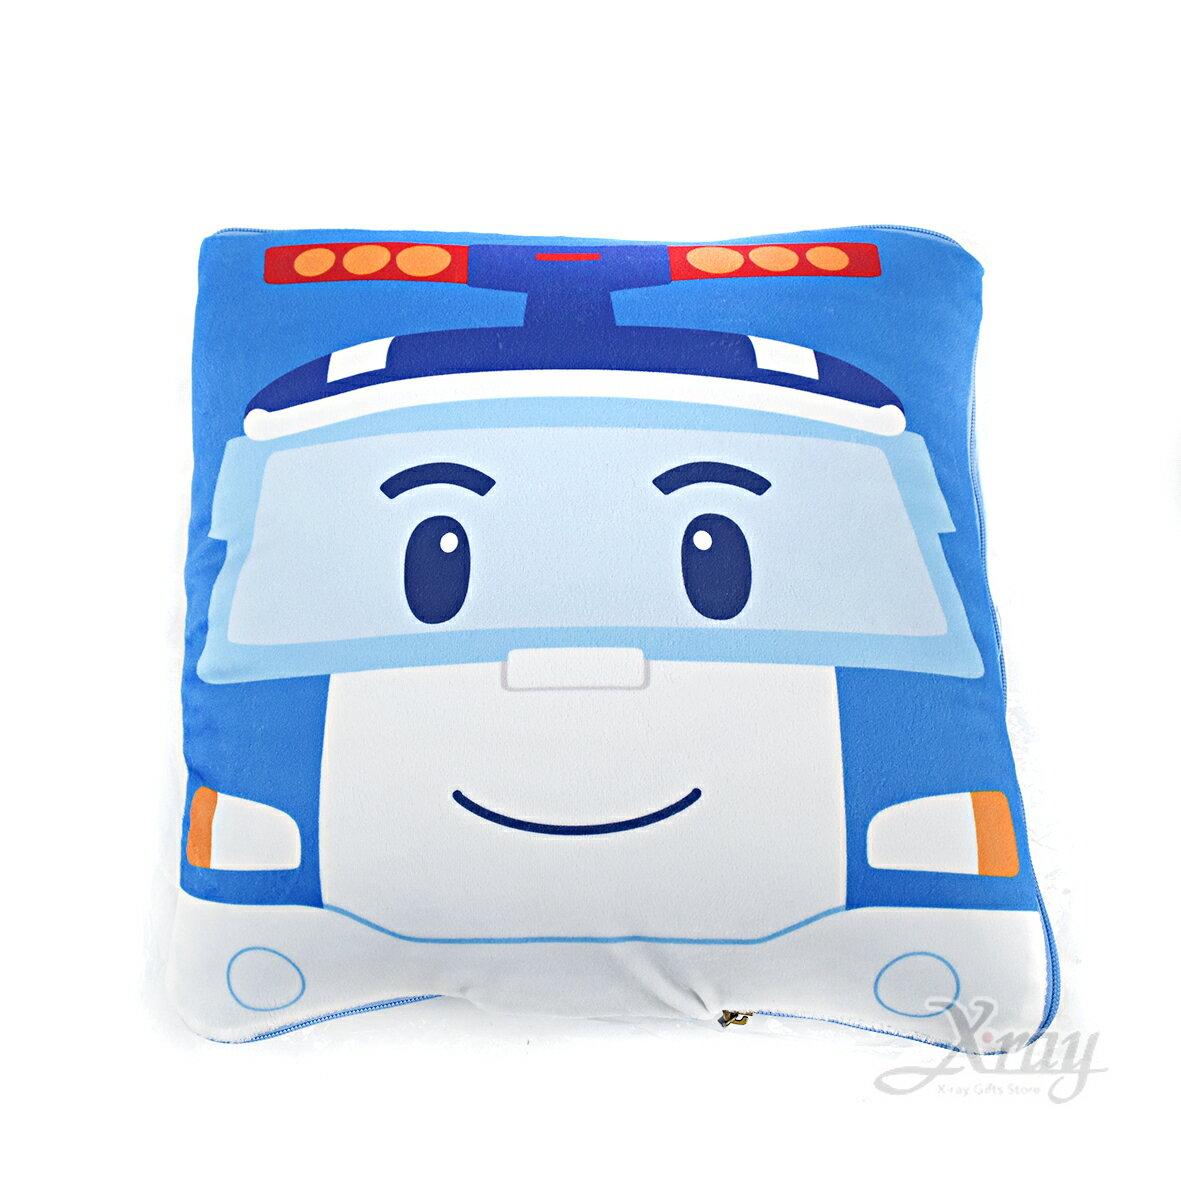 X射線【C870003】波力涼被抱枕,可當棉被又可收納成抱枕/枕頭/抱枕/靠墊/午睡枕